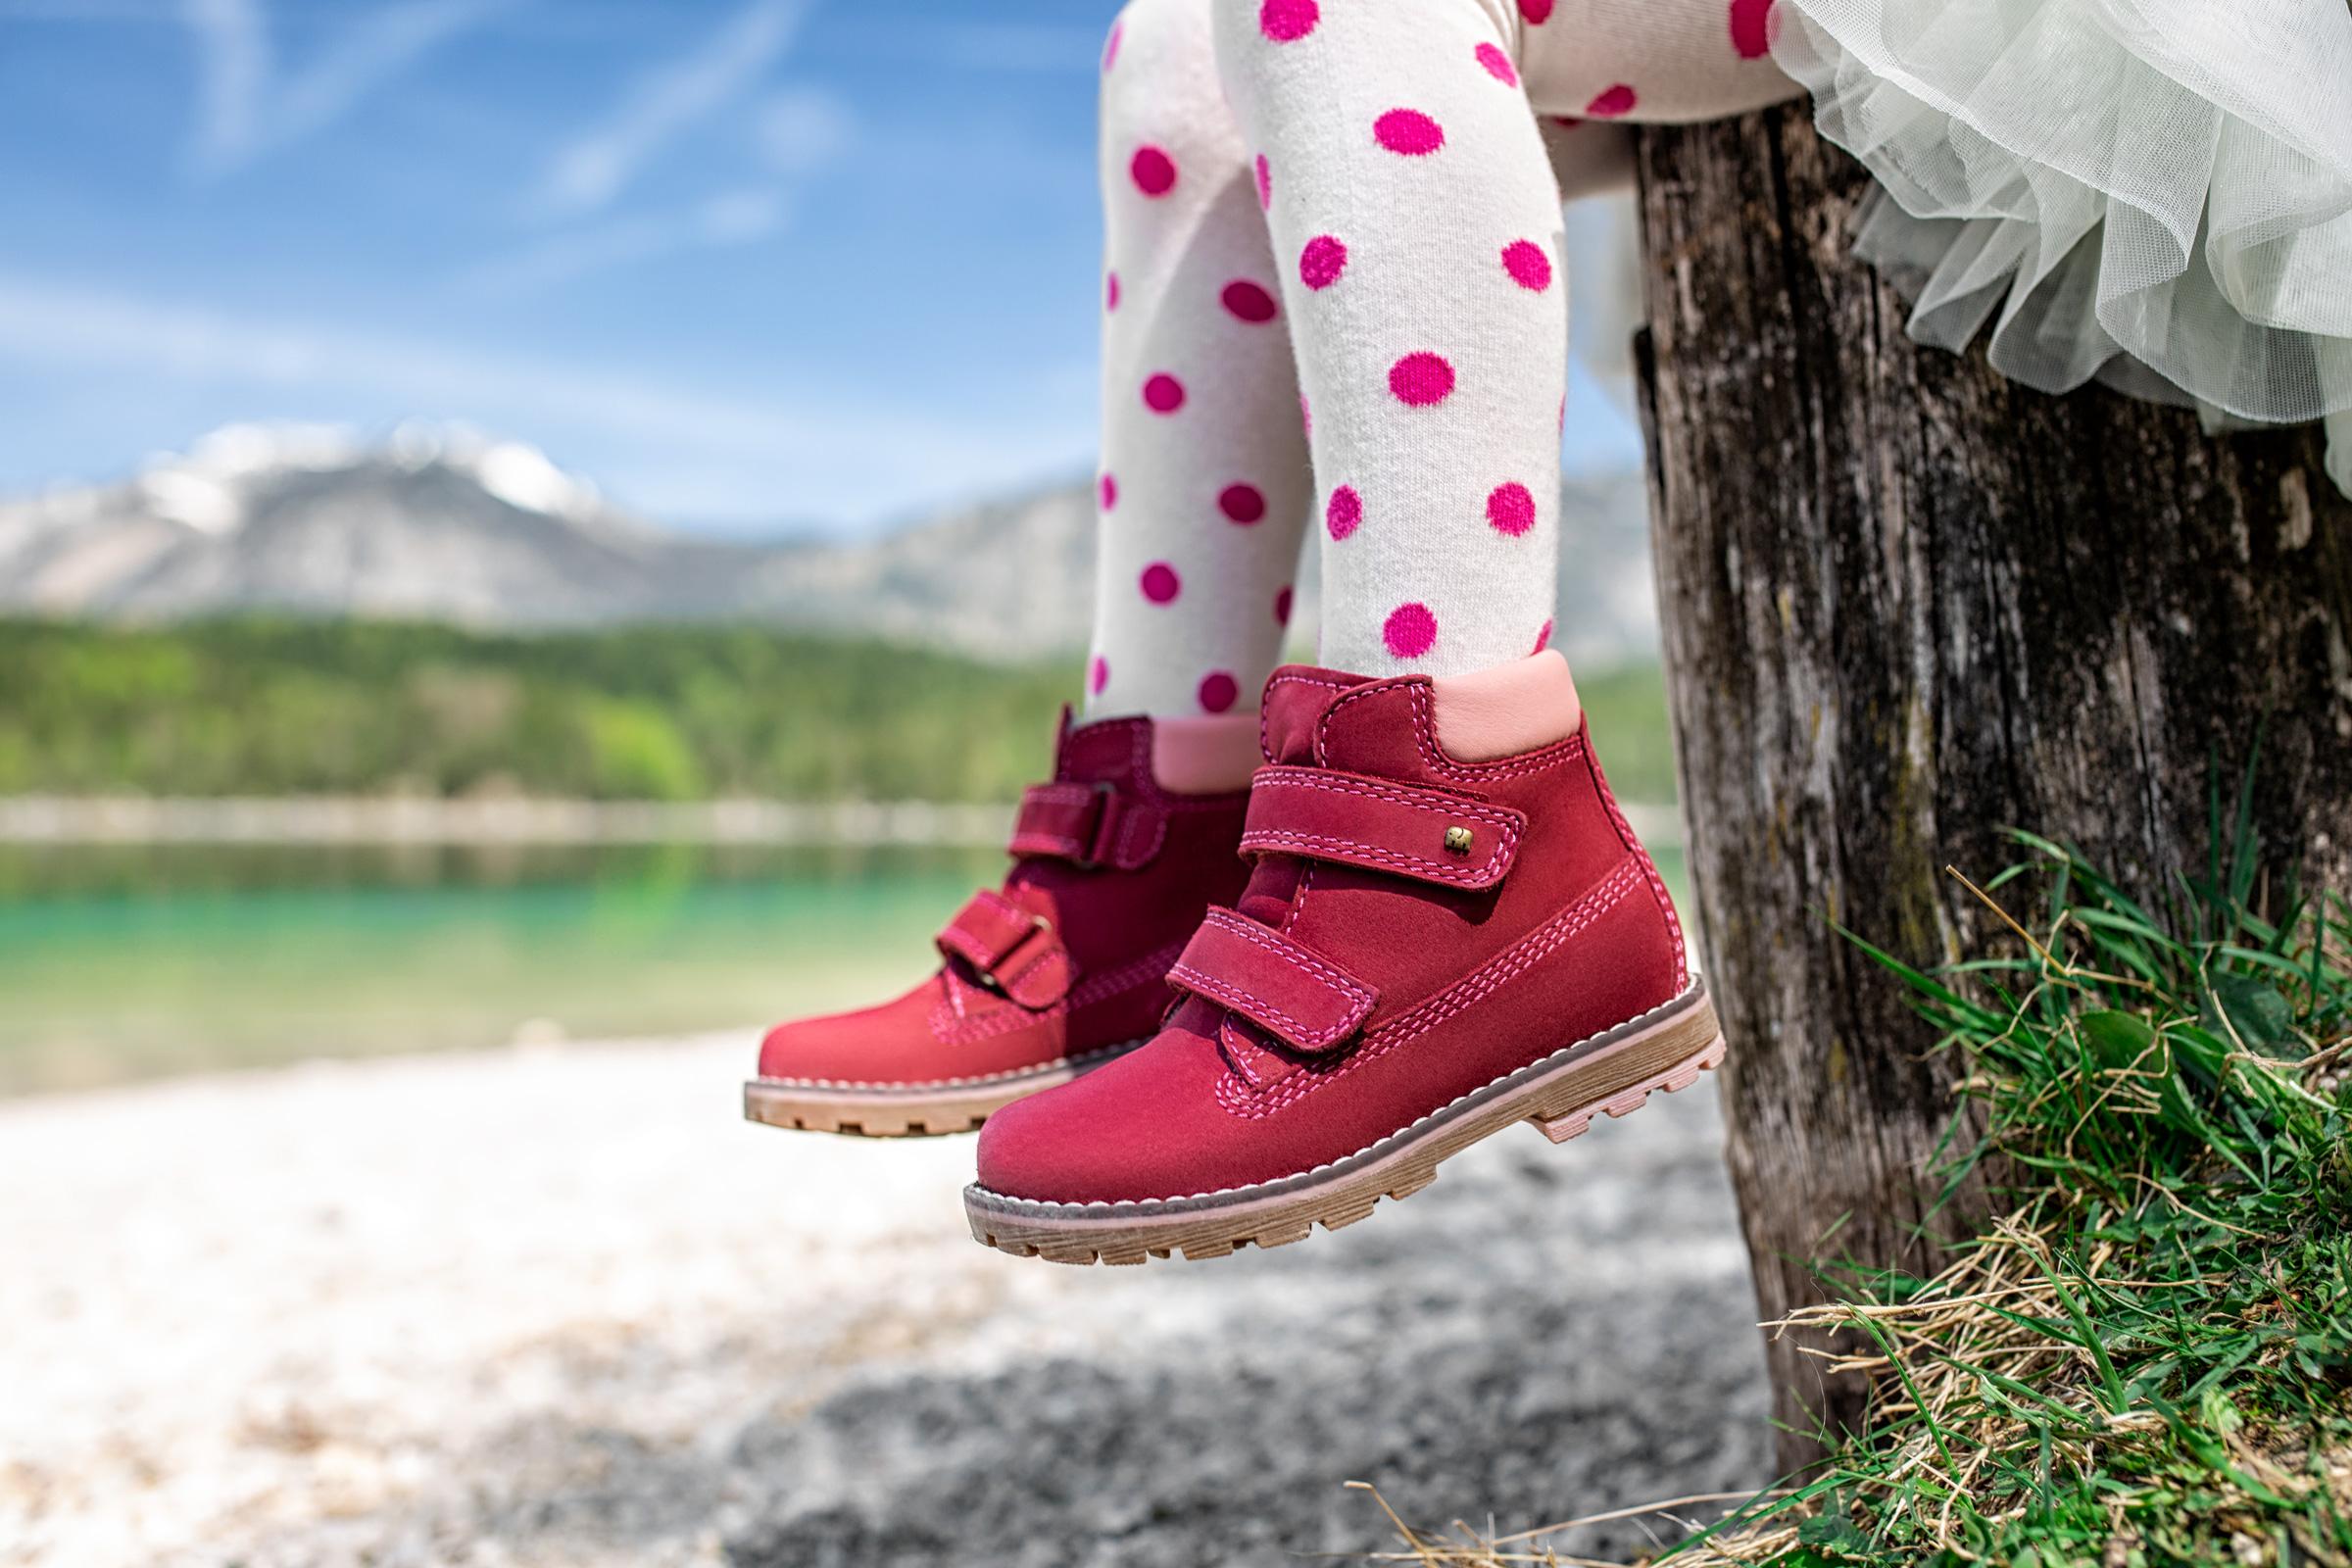 Nahaufnahme von Kinderschuhen eines auf einem Baumstumpf an einem Alpensee sitzenden Mädchens. Close-up of children's footwear worn by a girl sitting on a tree trunk at the at the gravelly beach of a tarn.